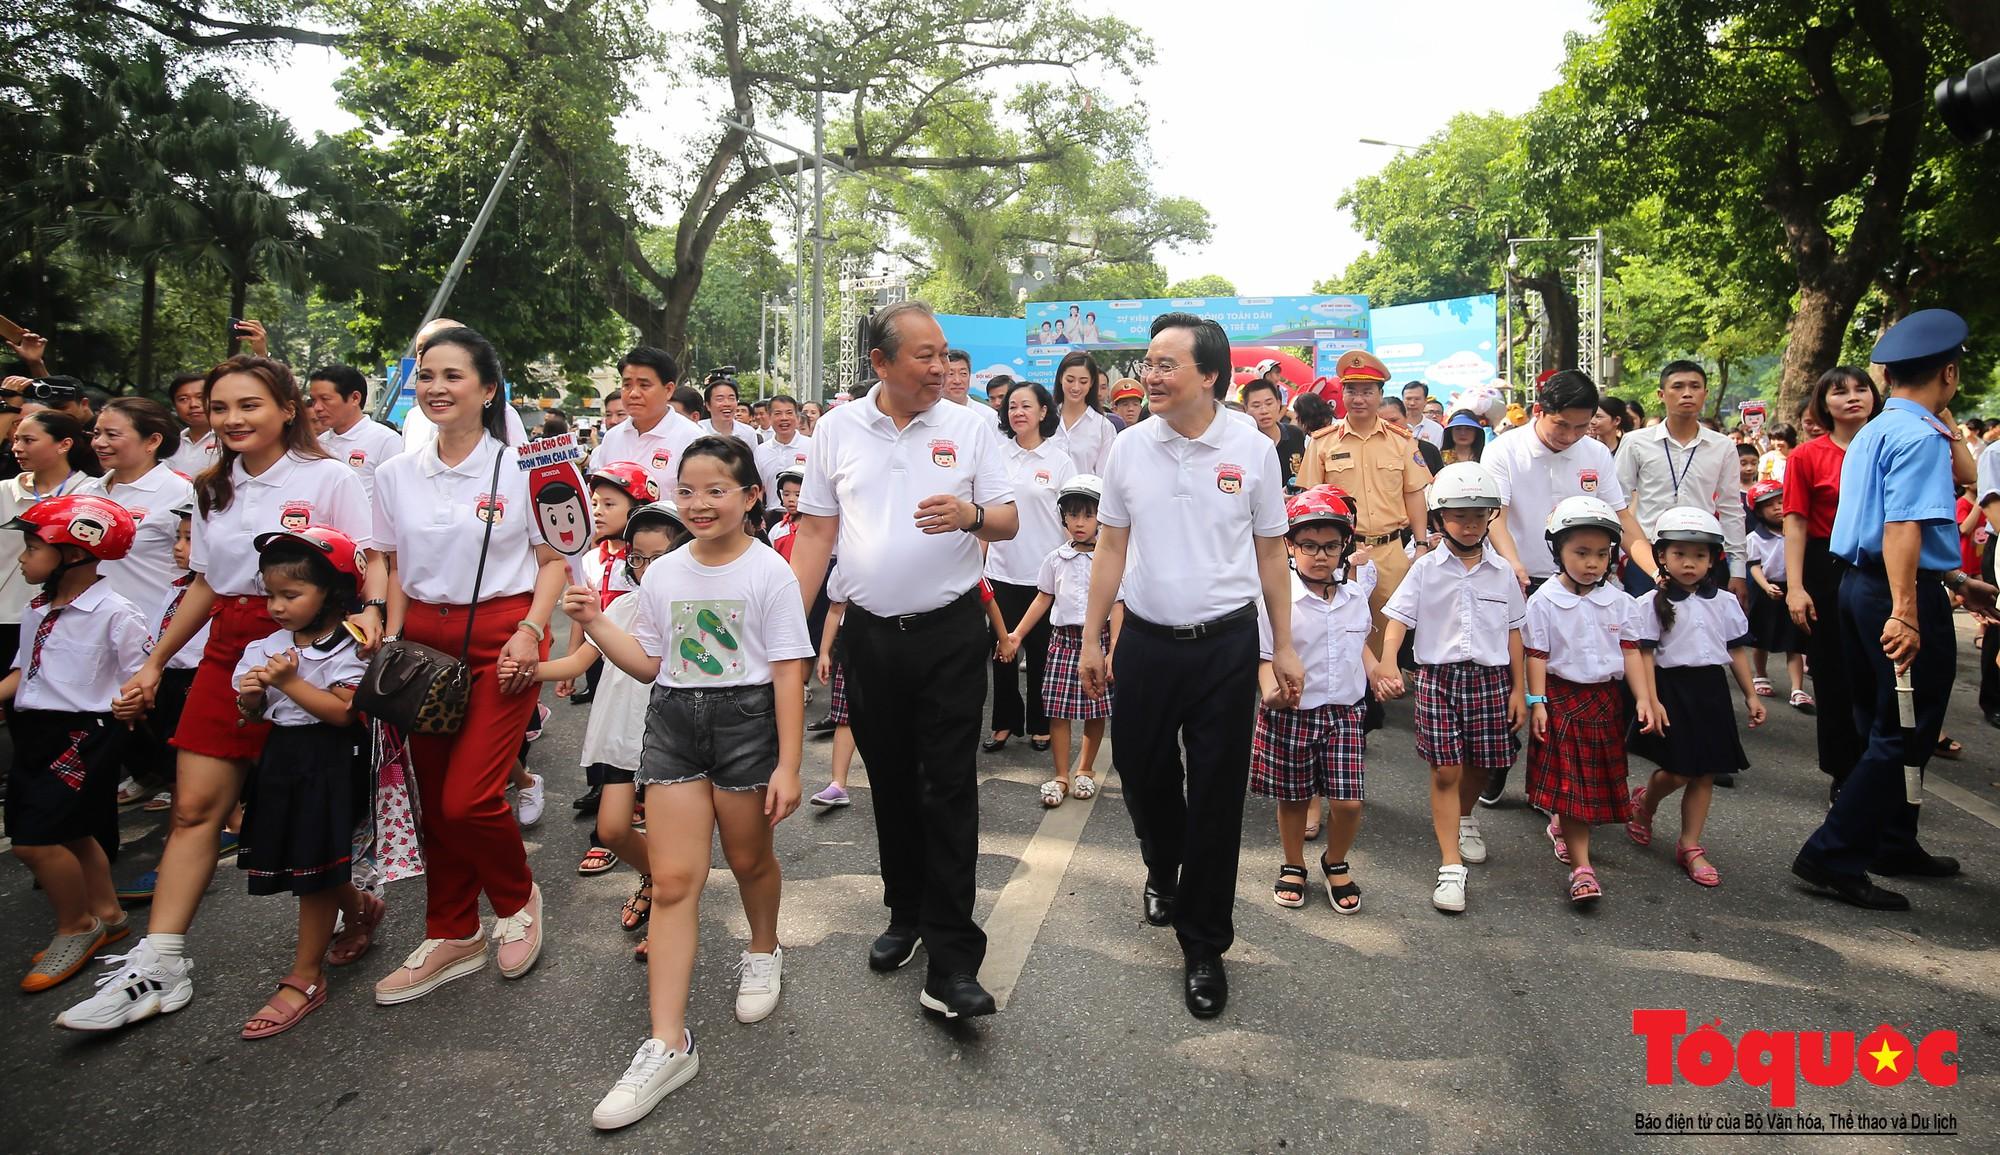 """Gần 4000 em nhỏ cùng gia đình đi bộ vận động toàn dân""""Đội mũ bảo hiểm cho trẻ em"""" (10)"""